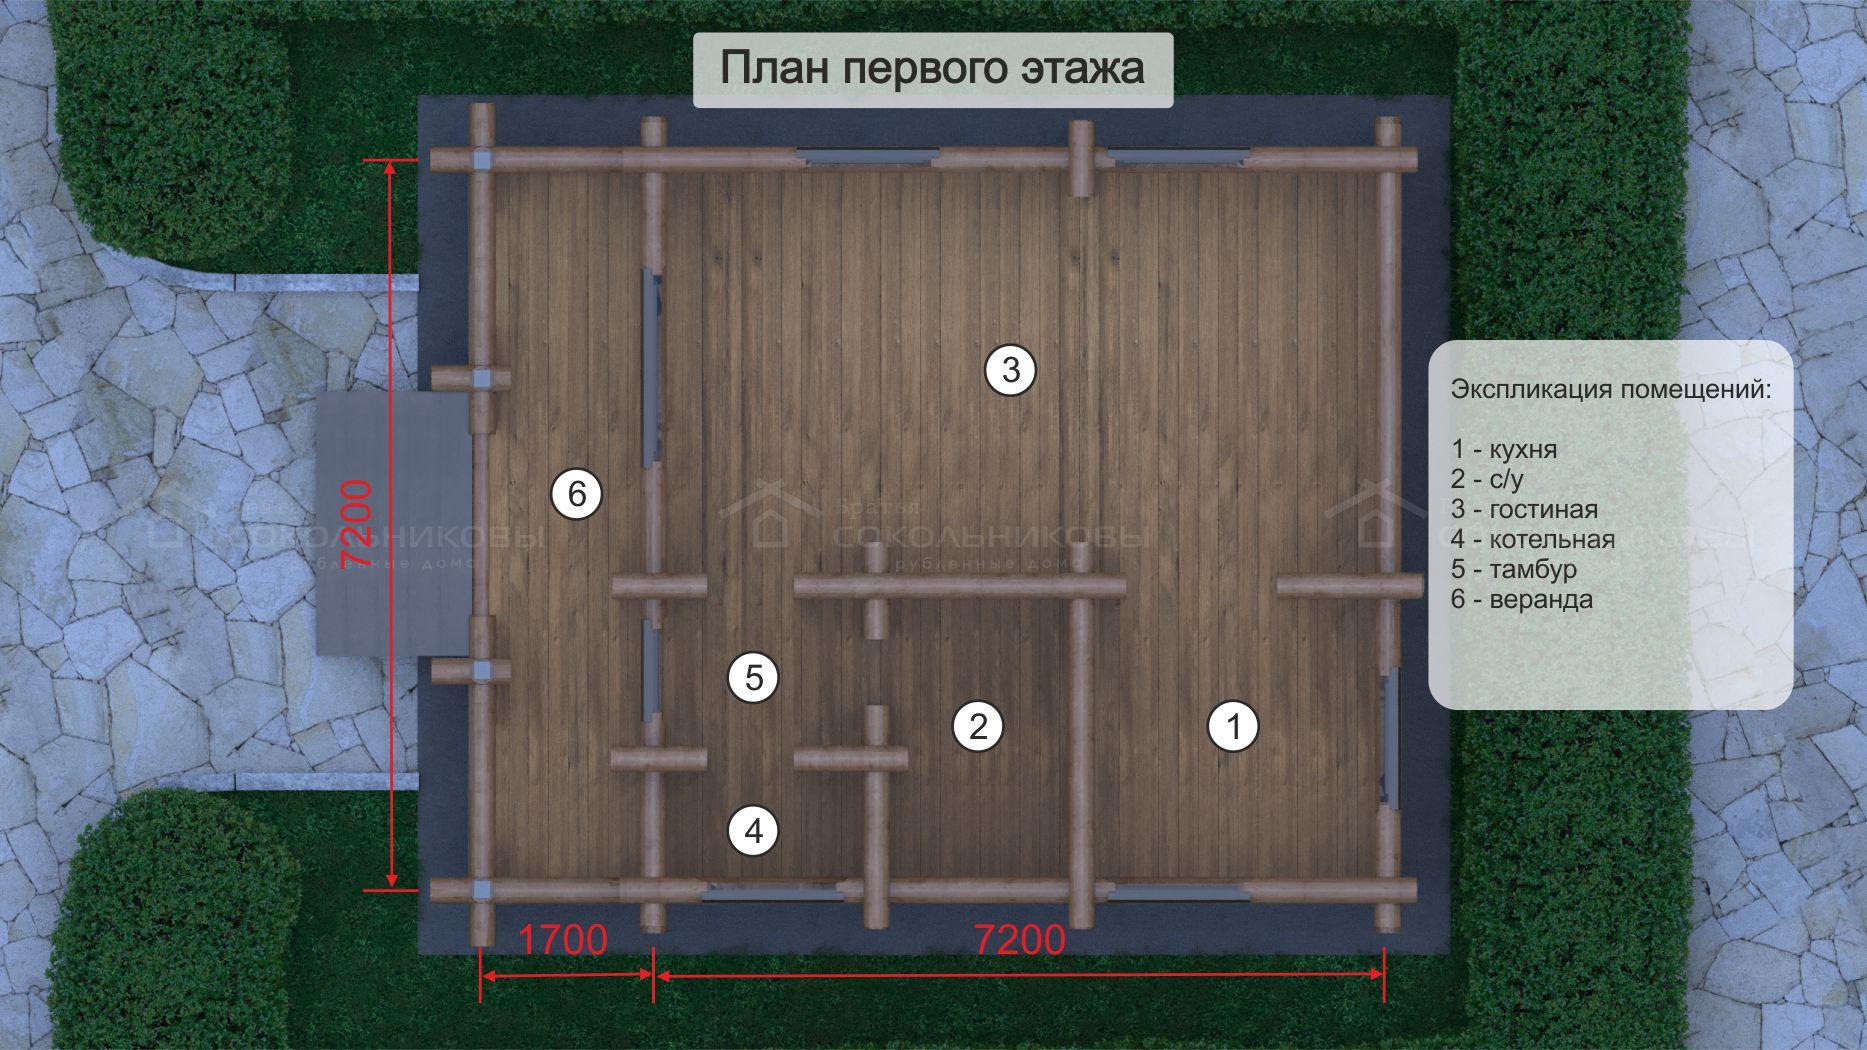 Дом под рубанок, 111 кв. м, фото 7